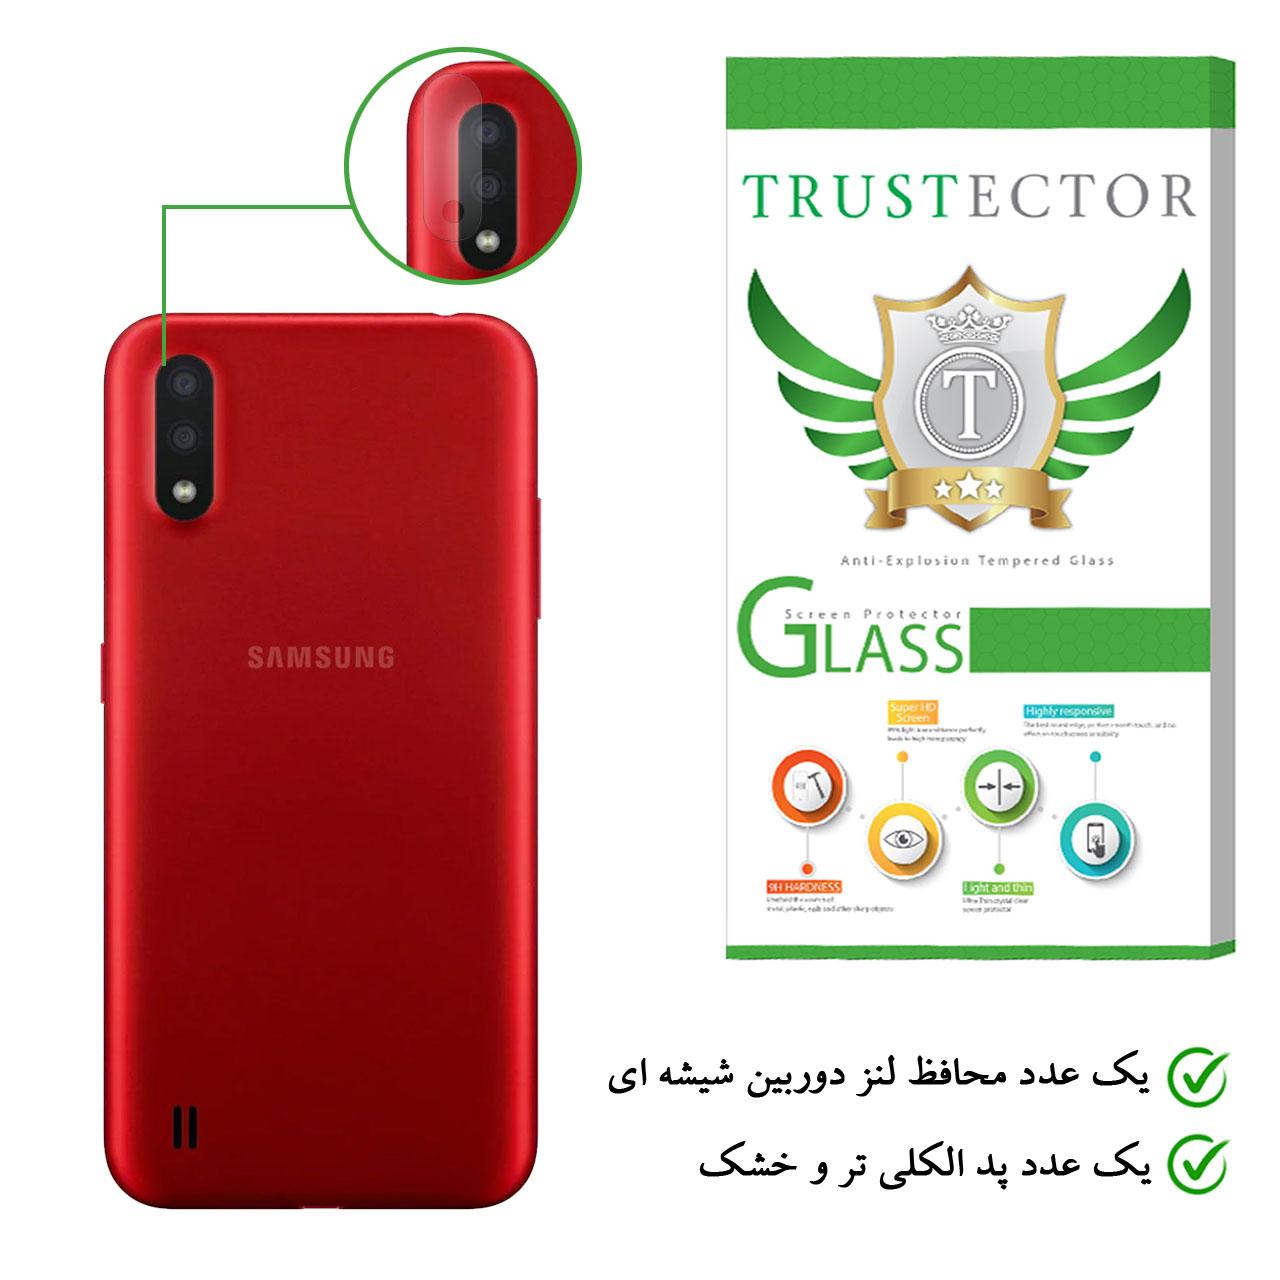 محافظ لنز دوربین تراستکتور مدل CLP مناسب برای گوشی موبایل سامسونگ Galaxy A01              ( قیمت و خرید)